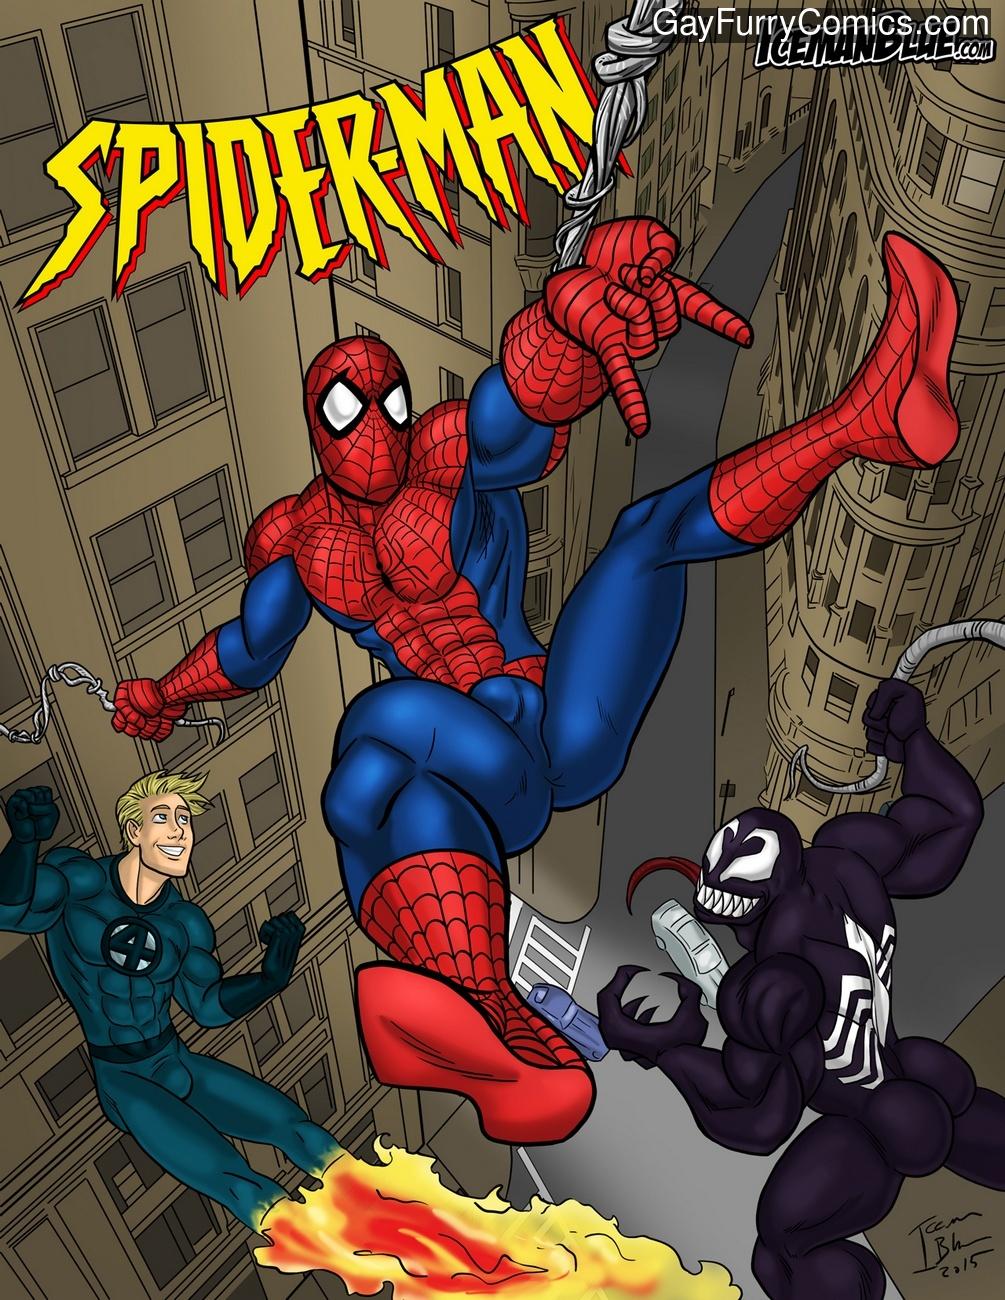 Spiderman порно пародия смотреть онлайн